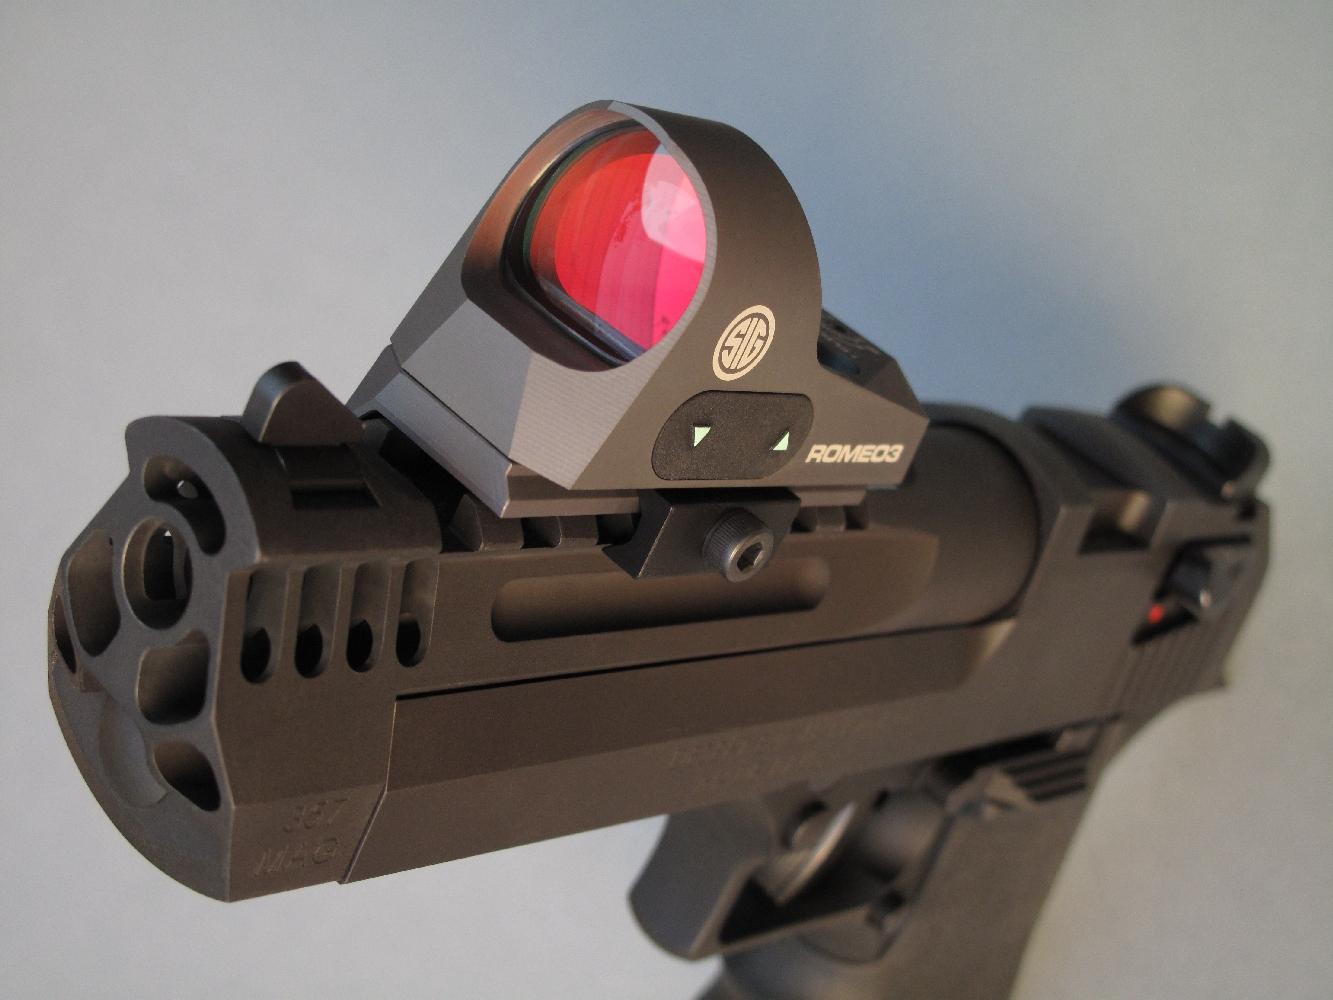 Le robuste rail Picatinny directement usiné dans la masse d'acier de son canon permet d'équiper cette arme d'une lunette grossissante ou d'un viseur à point lumineux, à l'image du modèle refex « Romeo3 » de la firme Sig-Sauer, installé ici grâce à son montage bas.